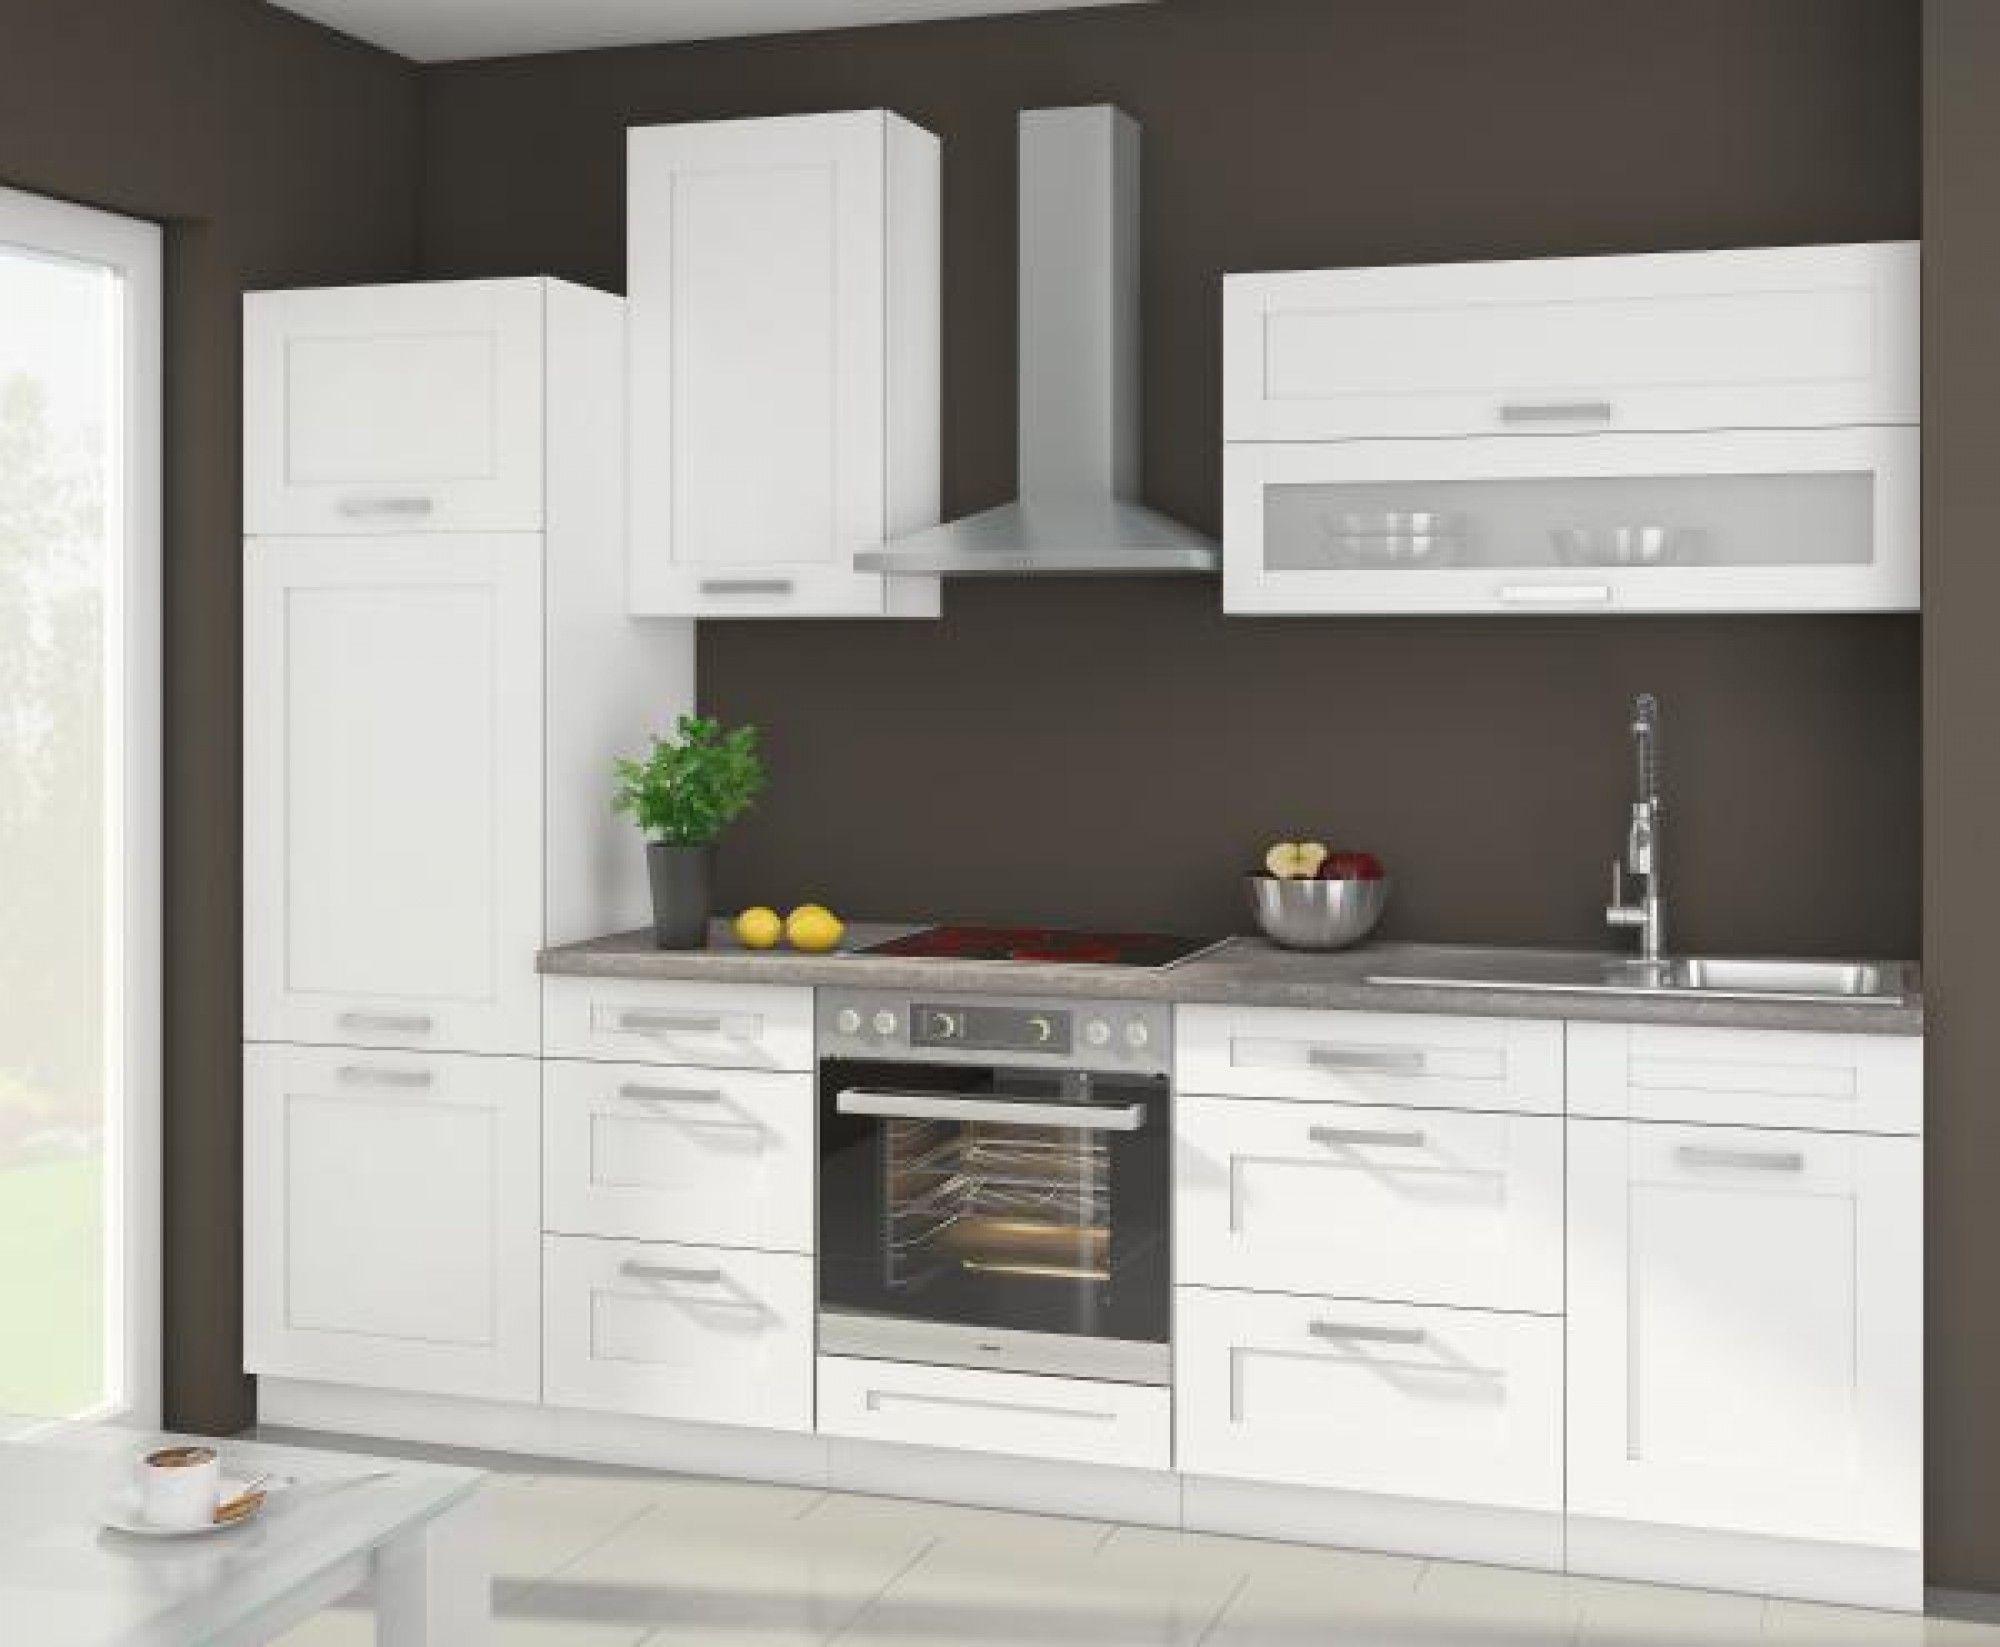 Küche Poco Domäne | Kuchenleerblock Move Kuchen Online Und Kuche